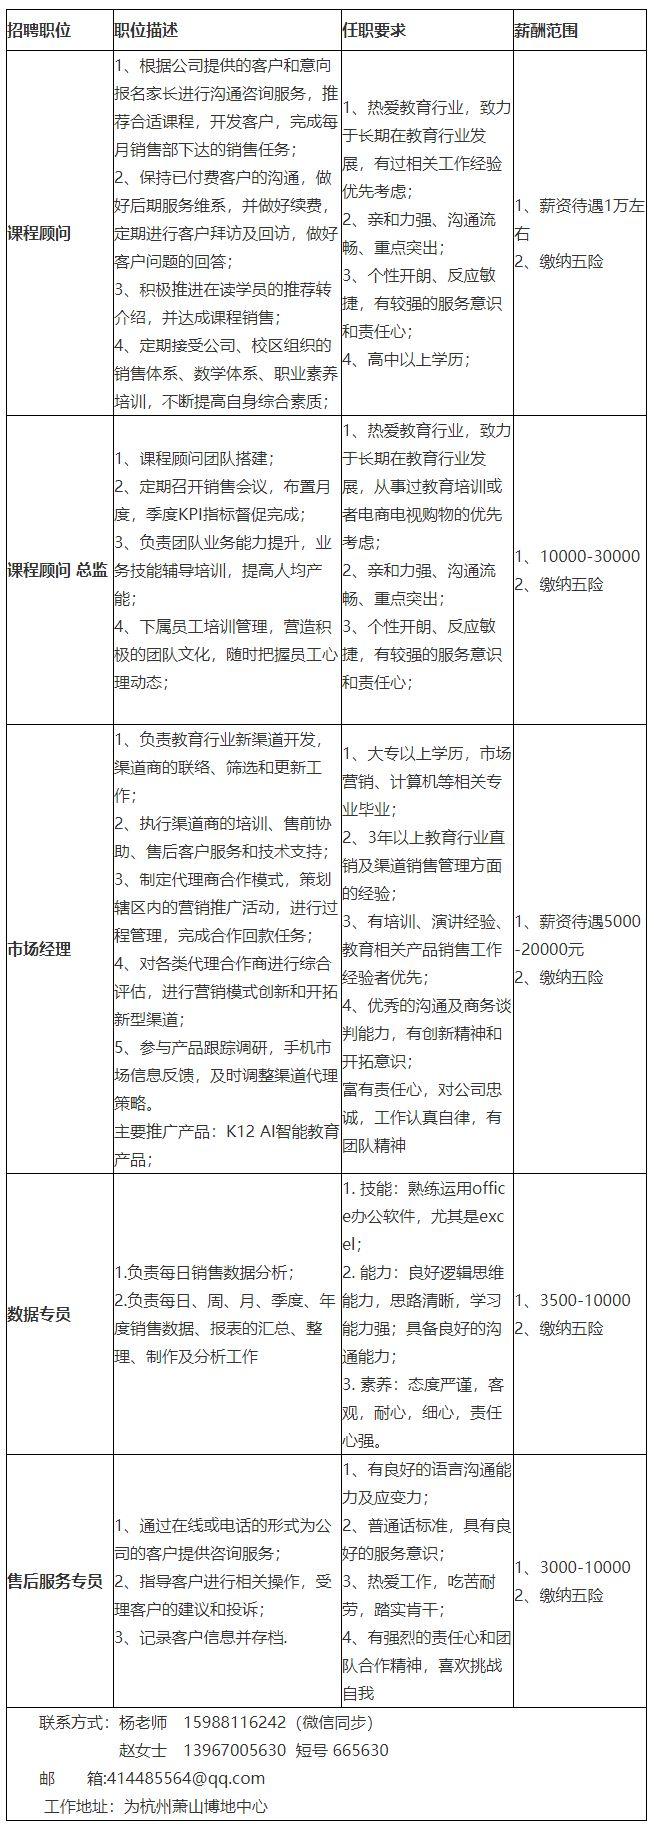 浙江深图教育科技有限公司招聘